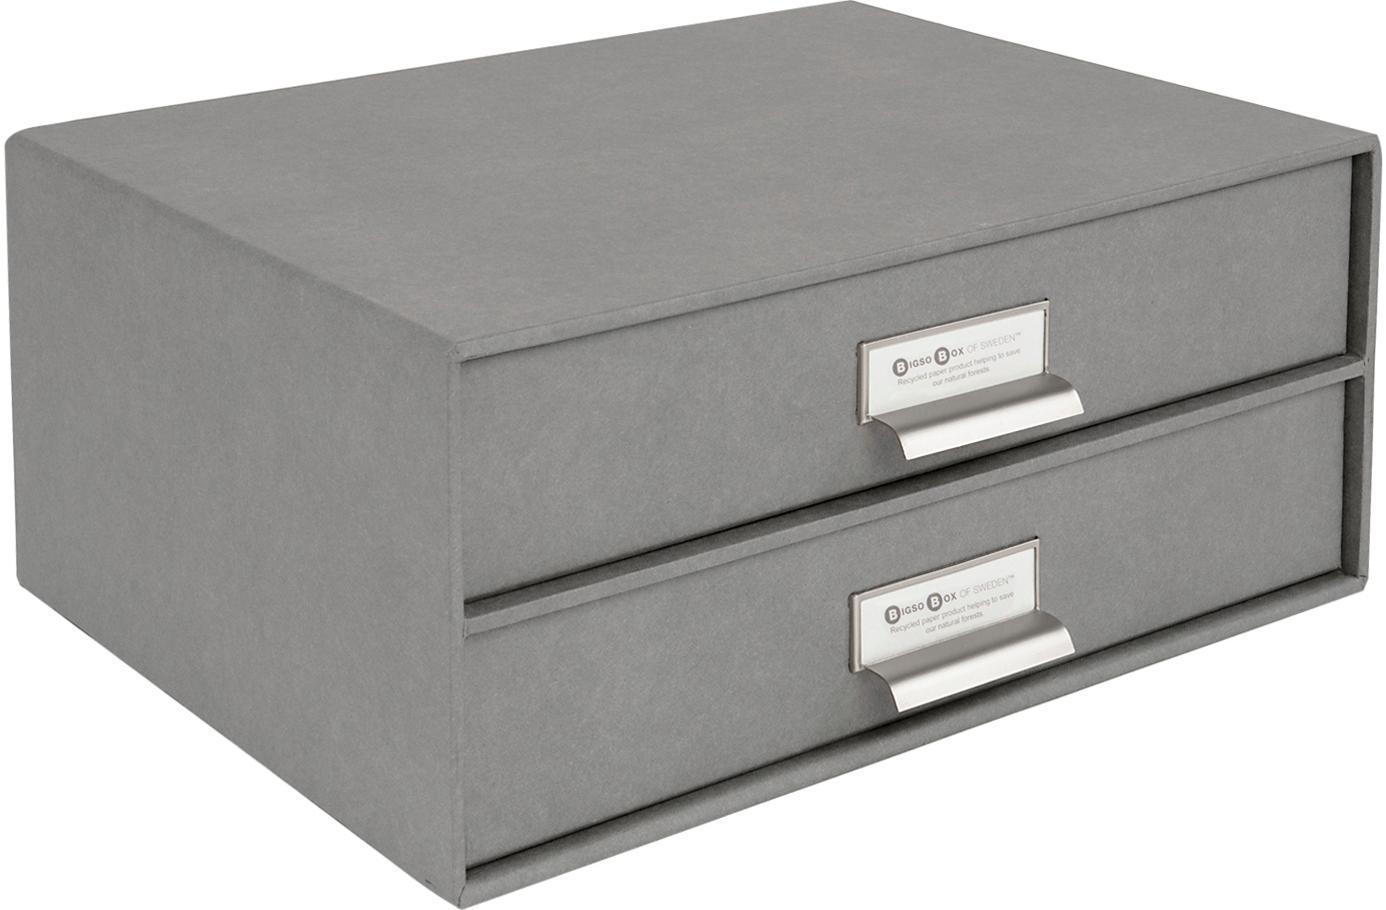 Büro-Organizer Birger, Organizer: Fester, laminierter Karto, Organizer aussen: HellgrauOrganizer innen: Weiss, 33 x 15 cm